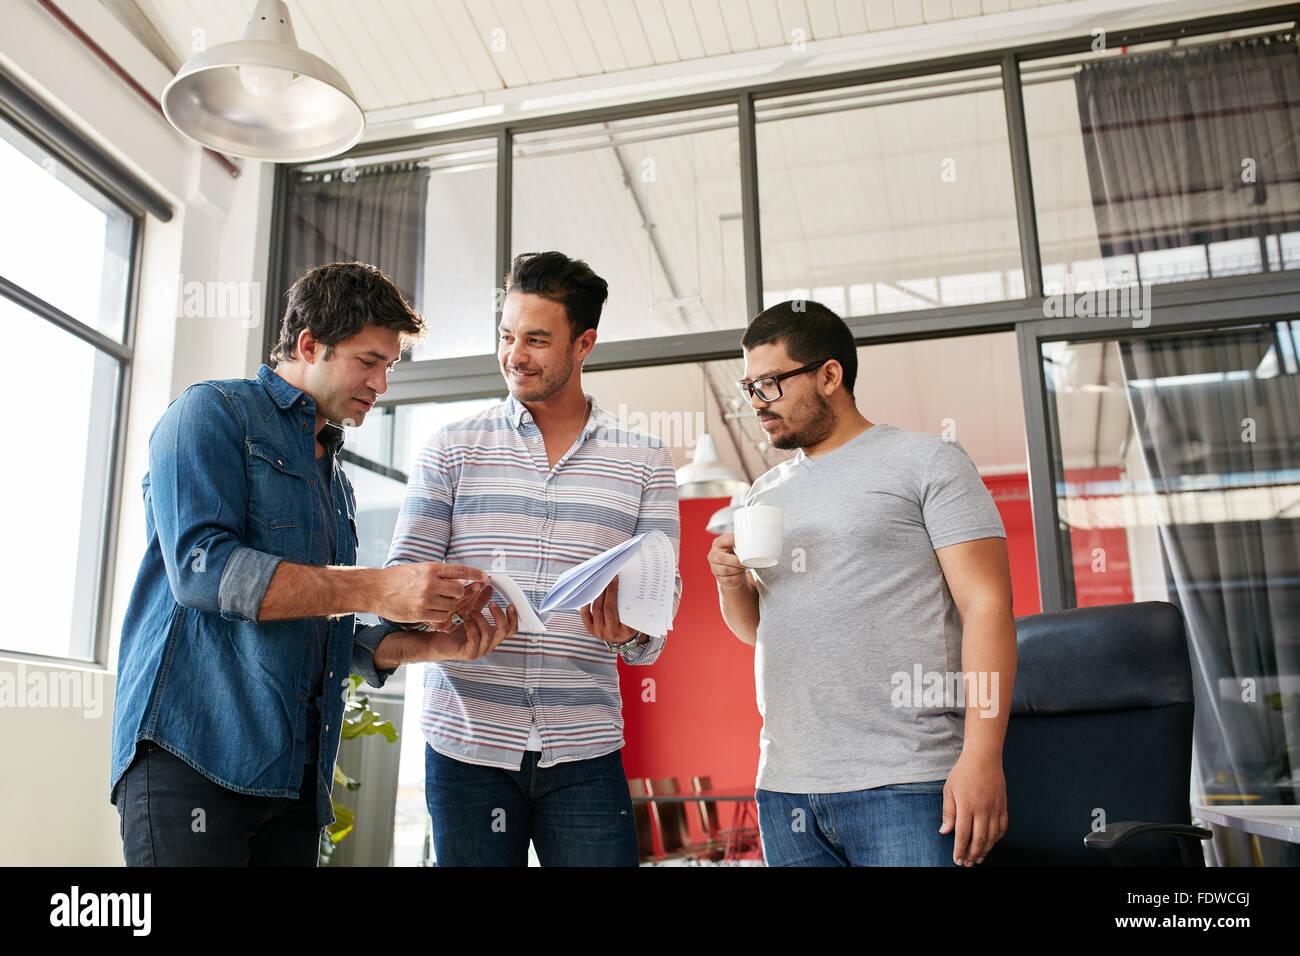 Junges Team von kreativen Menschen diskutieren Papierkram im Büro. Drei junge Männer, die im modernen Stockbild